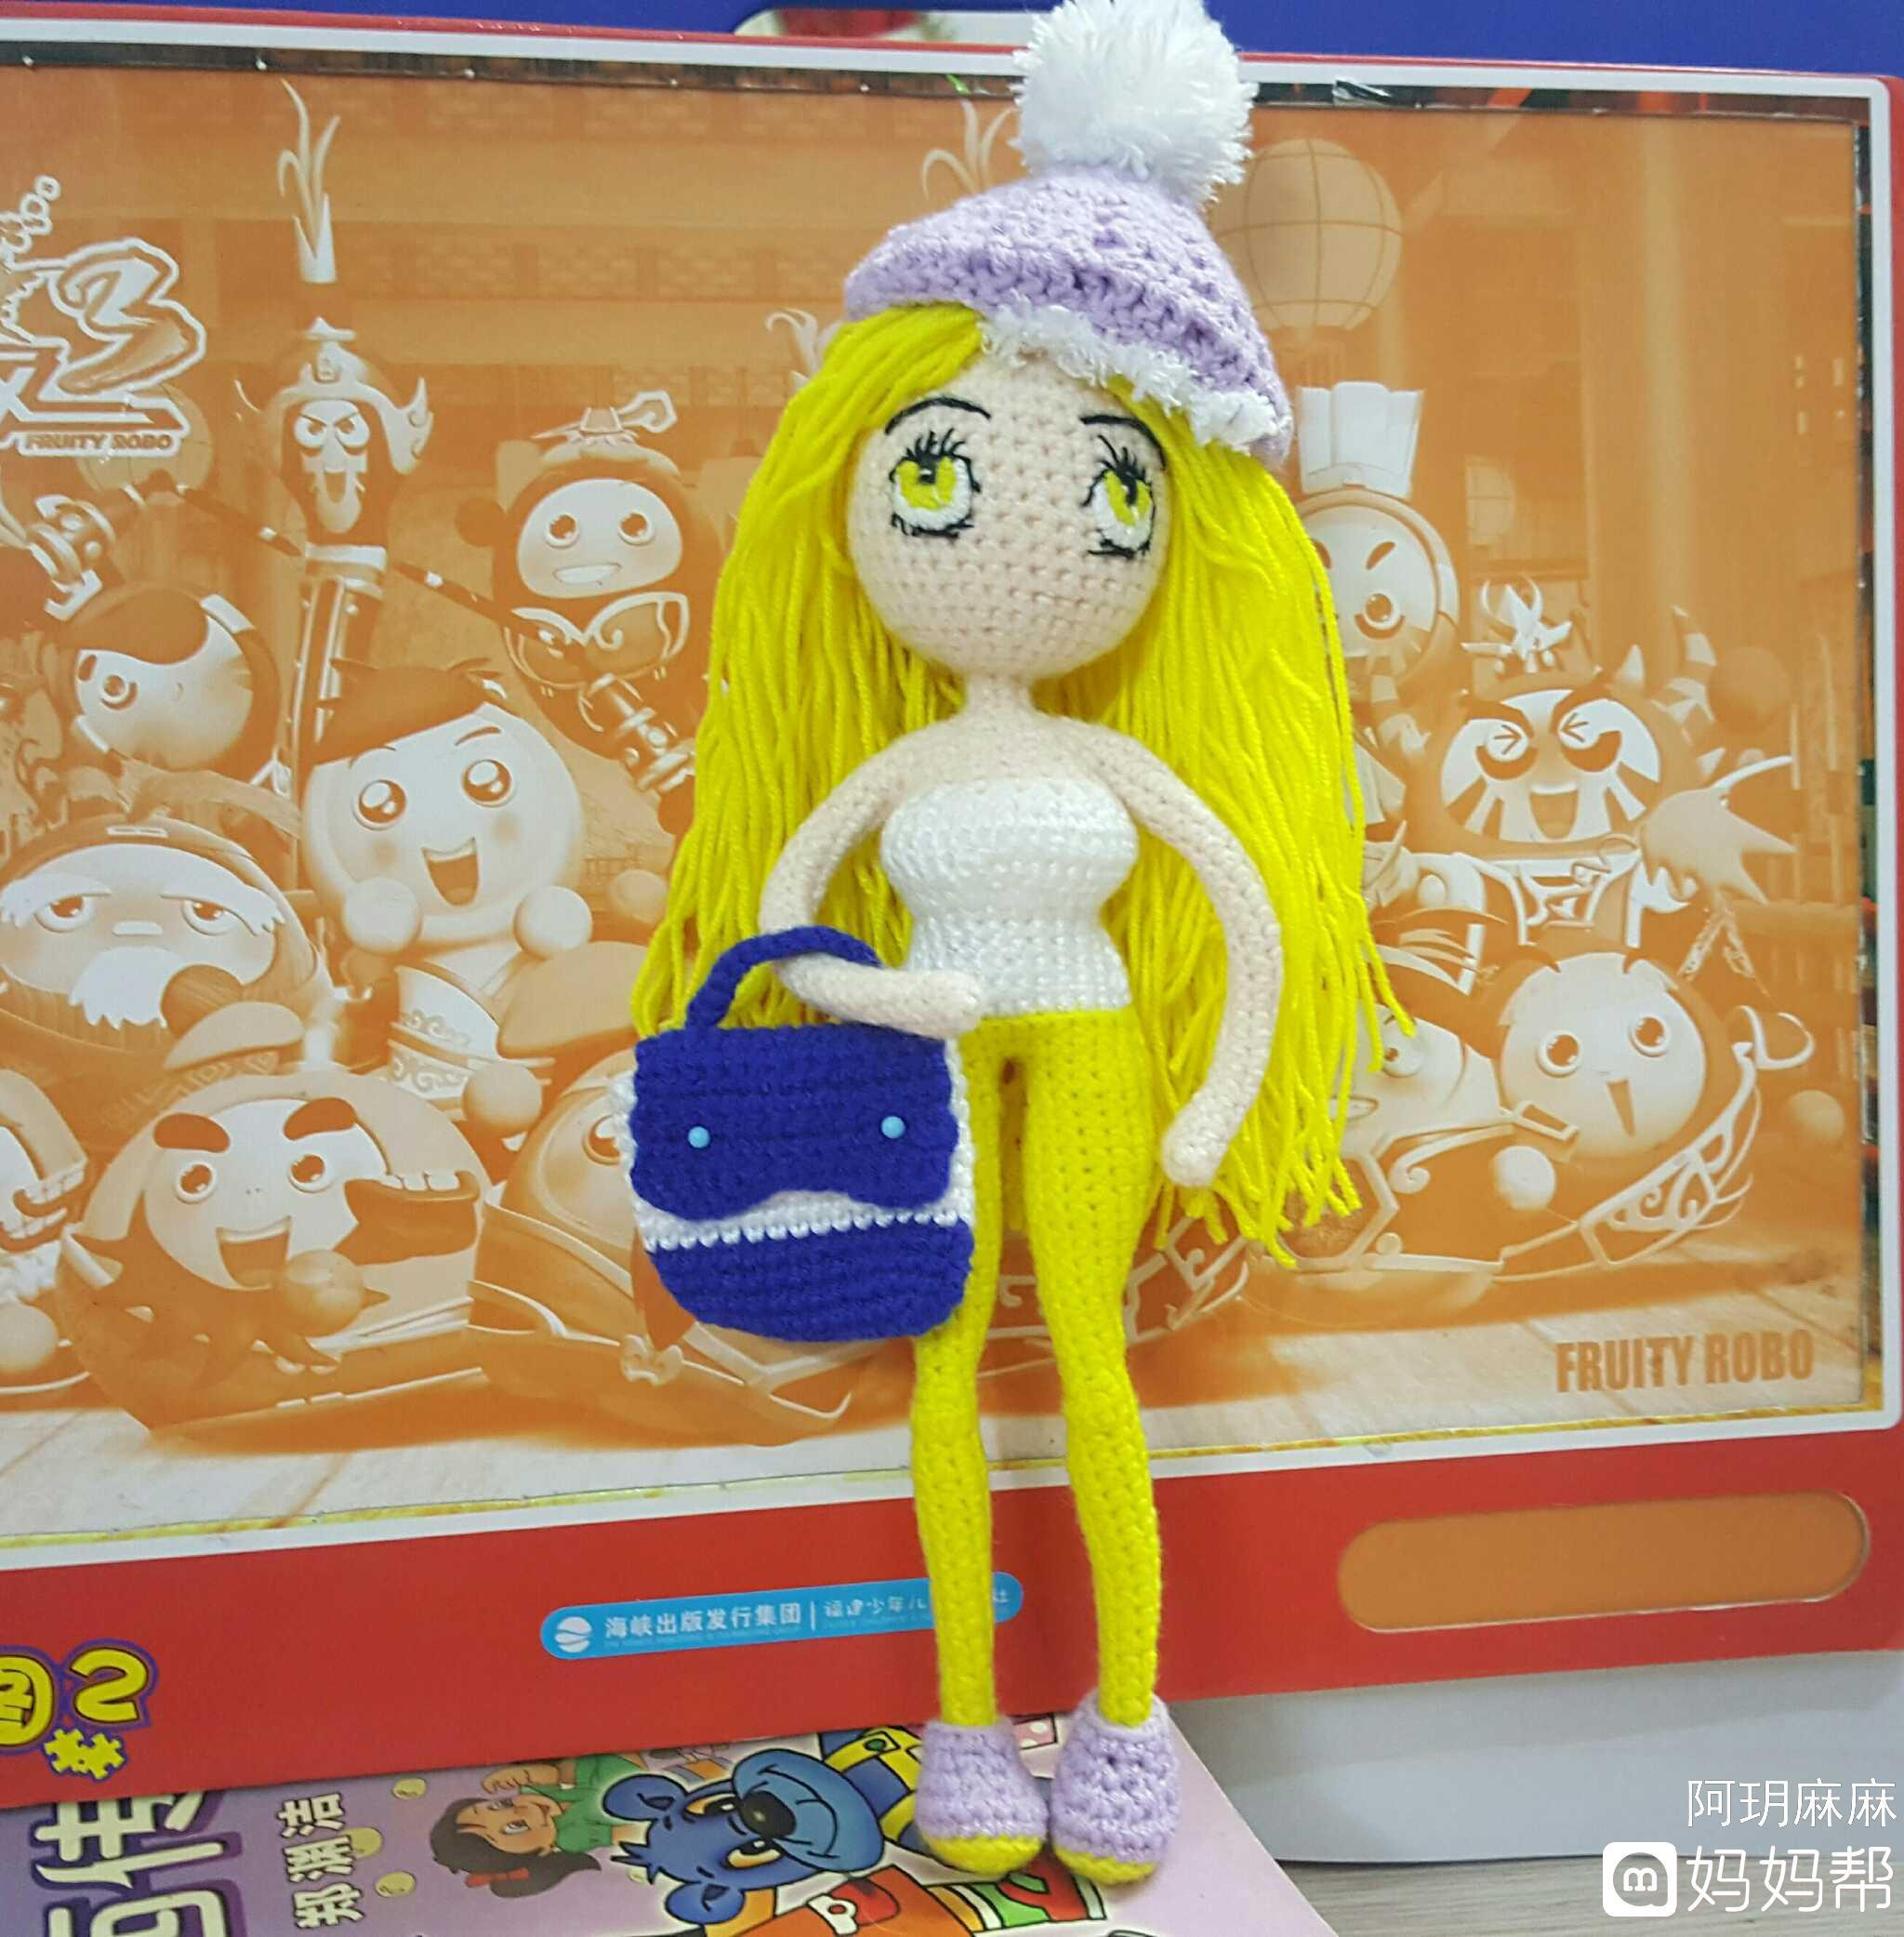 喜羊羊夹娃娃机图片